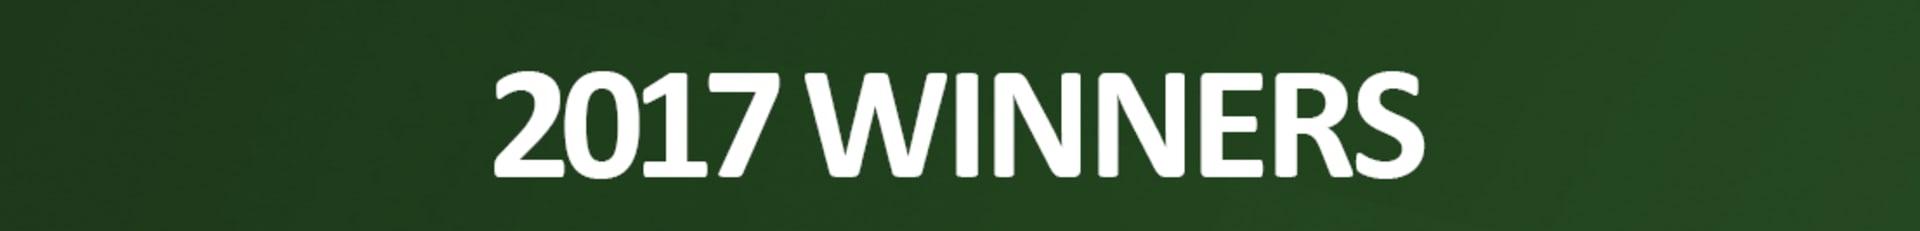 2017winners_fullwidth